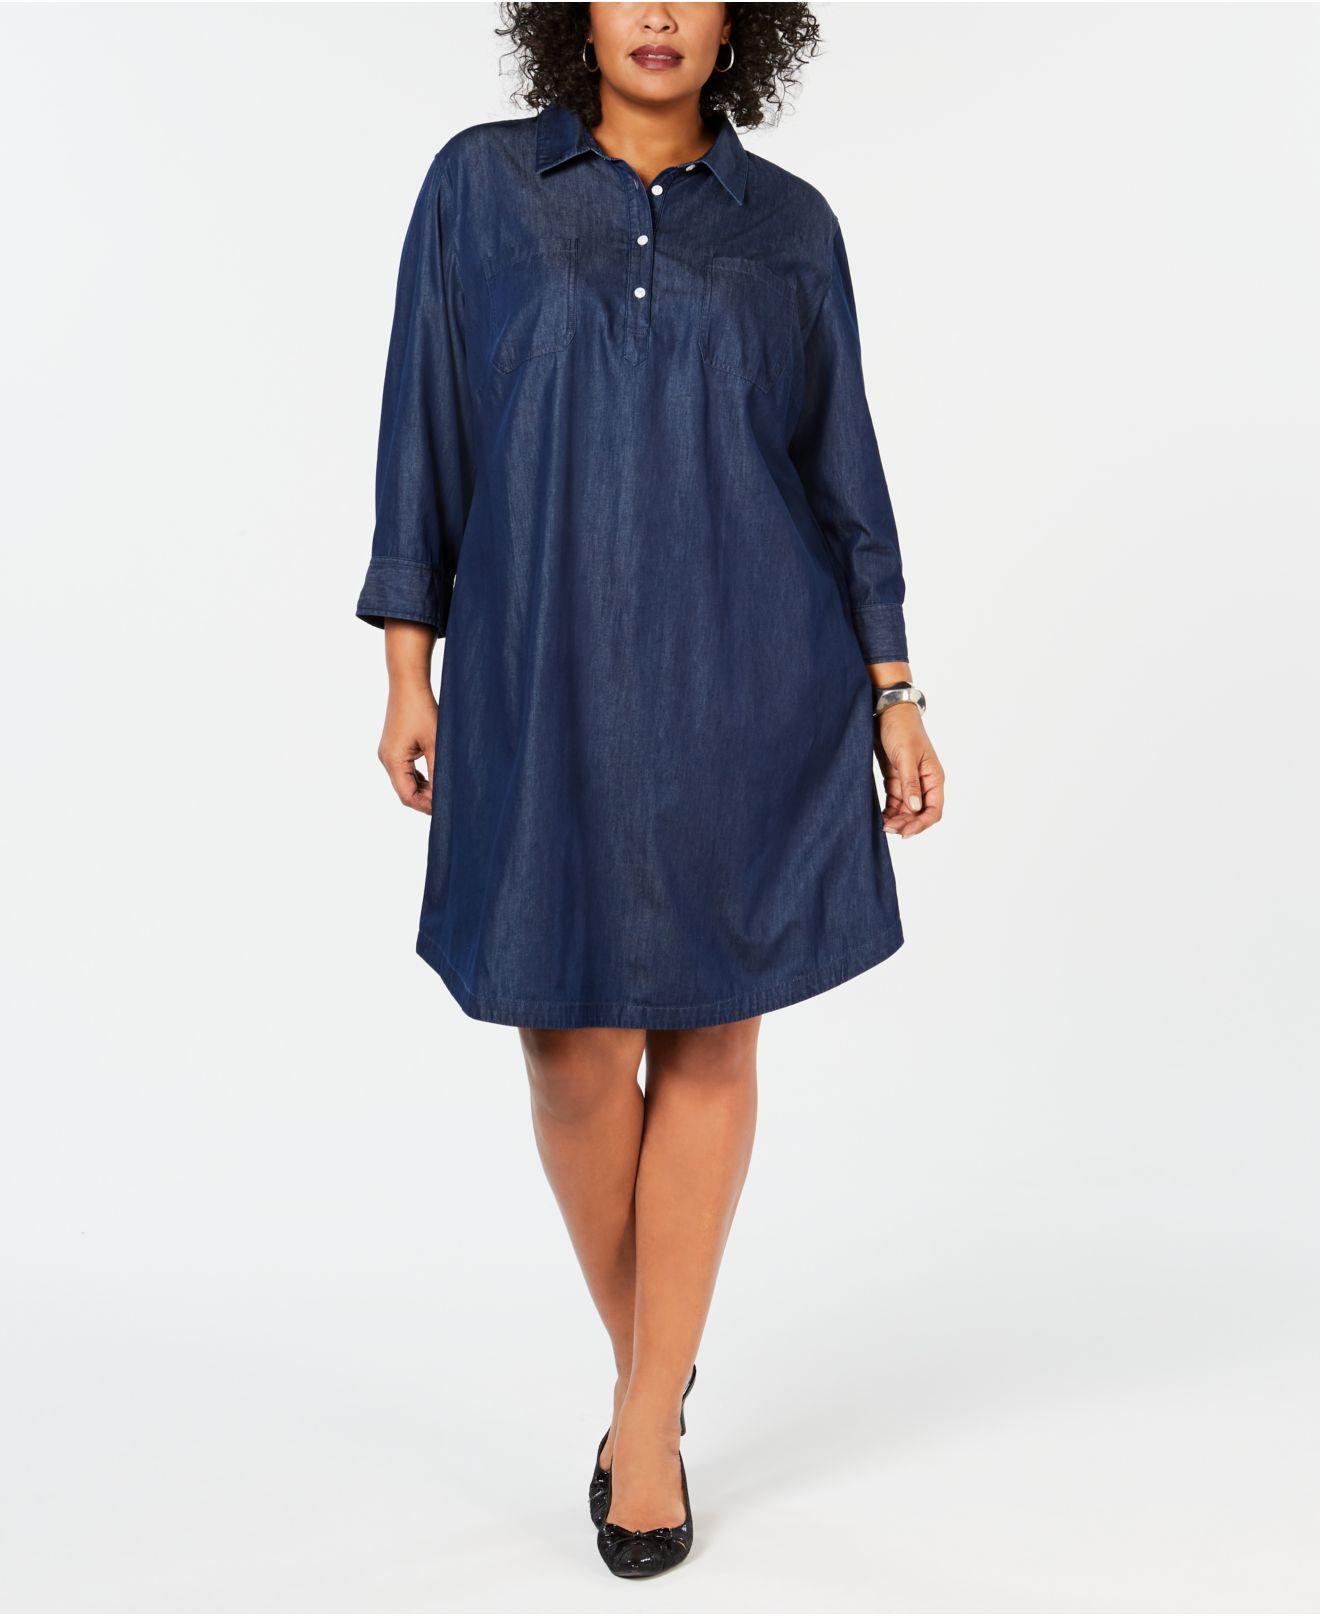 25ff18b1713 Karen Scott. Women s Blue Plus Size Cotton Chambray Shirtdress